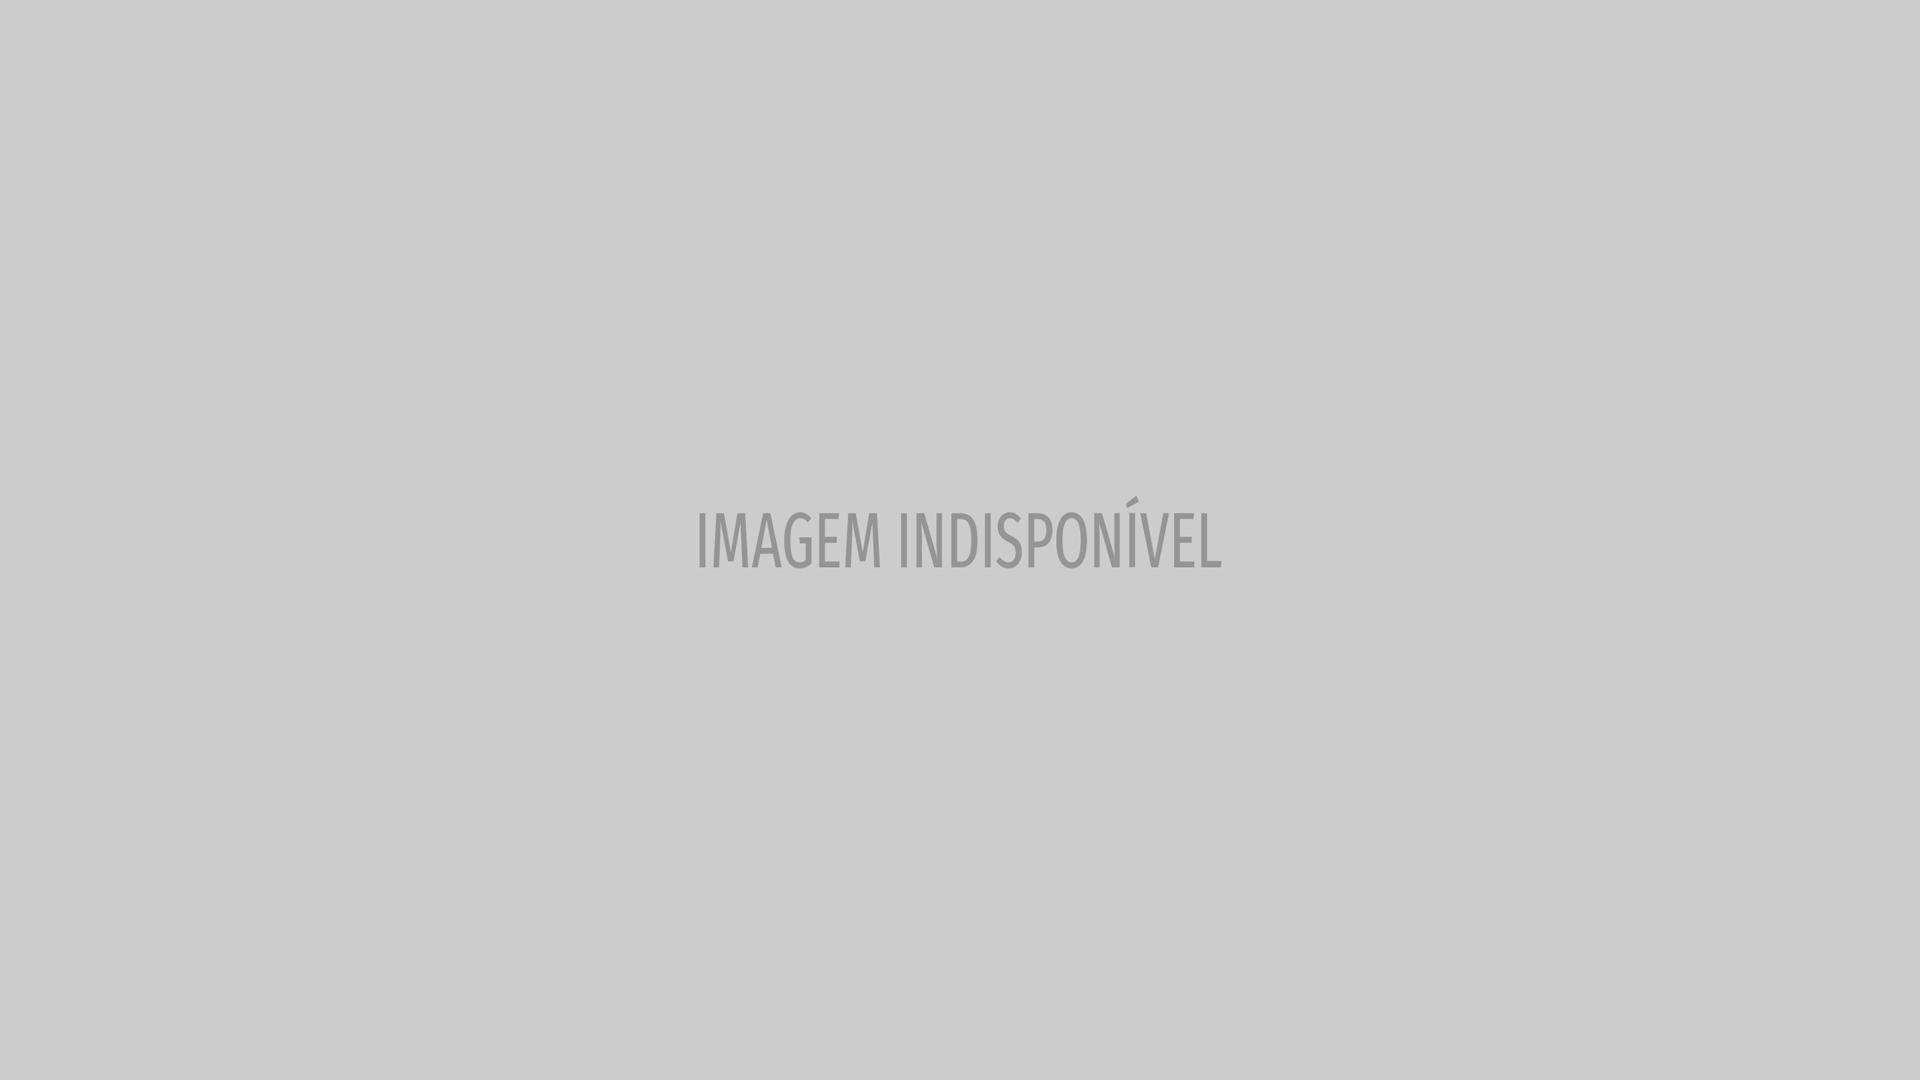 Jornalista afirma que Mileide era casada quando conheceu Safadão